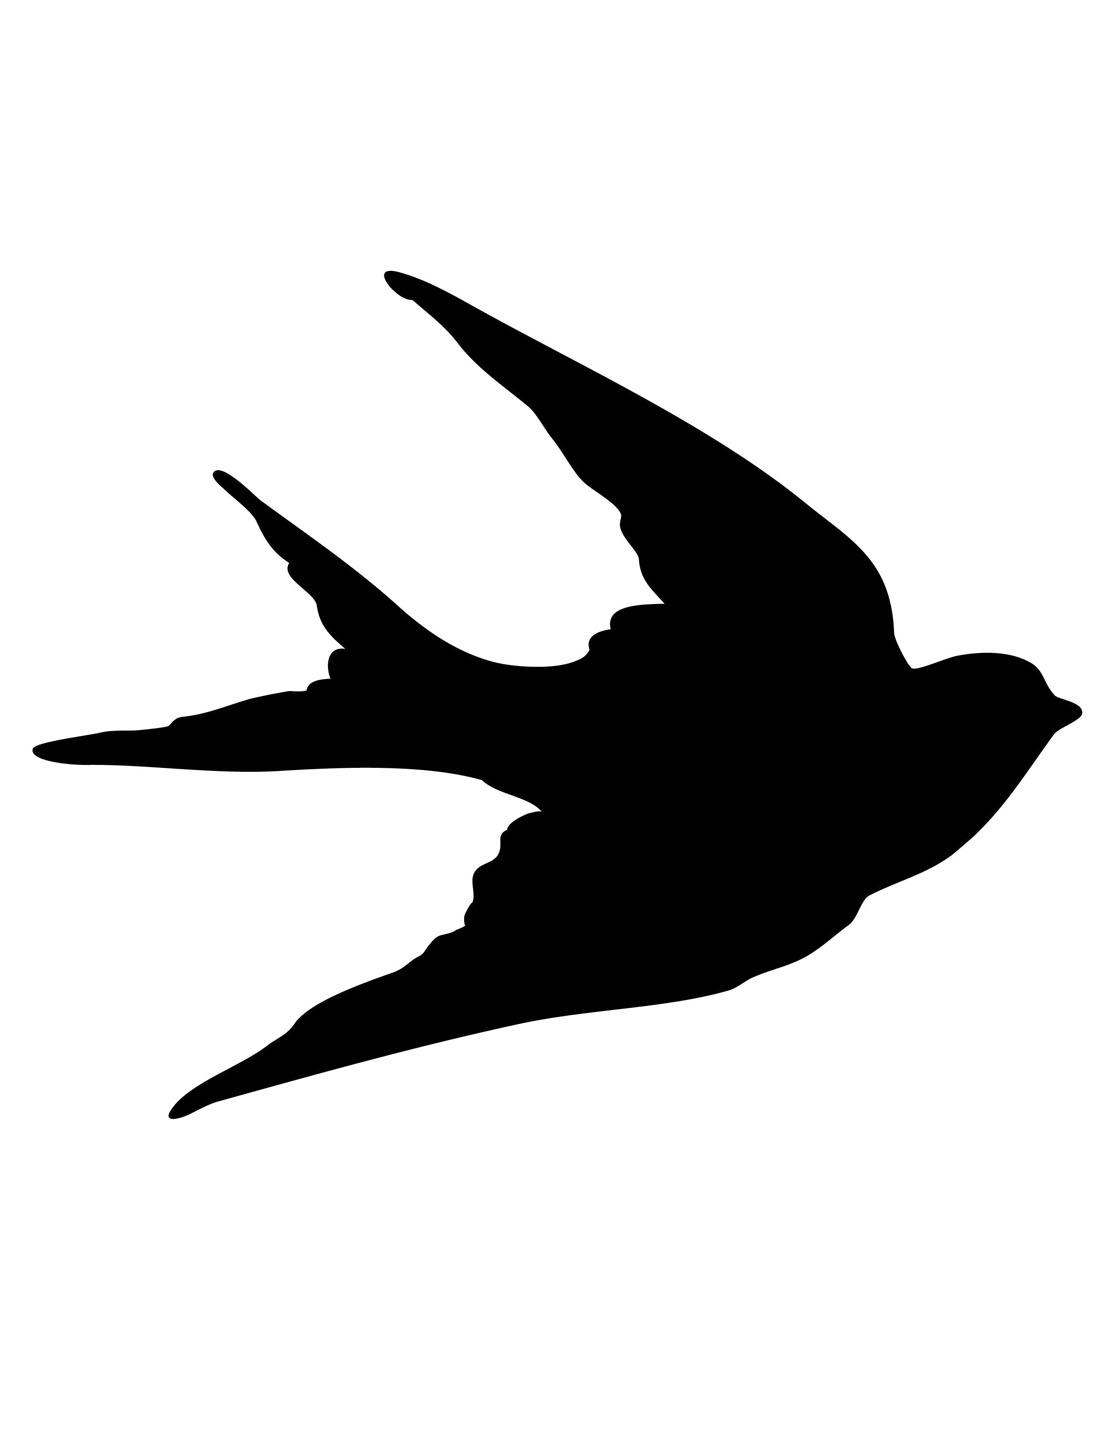 Drwaing of a bird | Sketch Inspiration | Pinterest